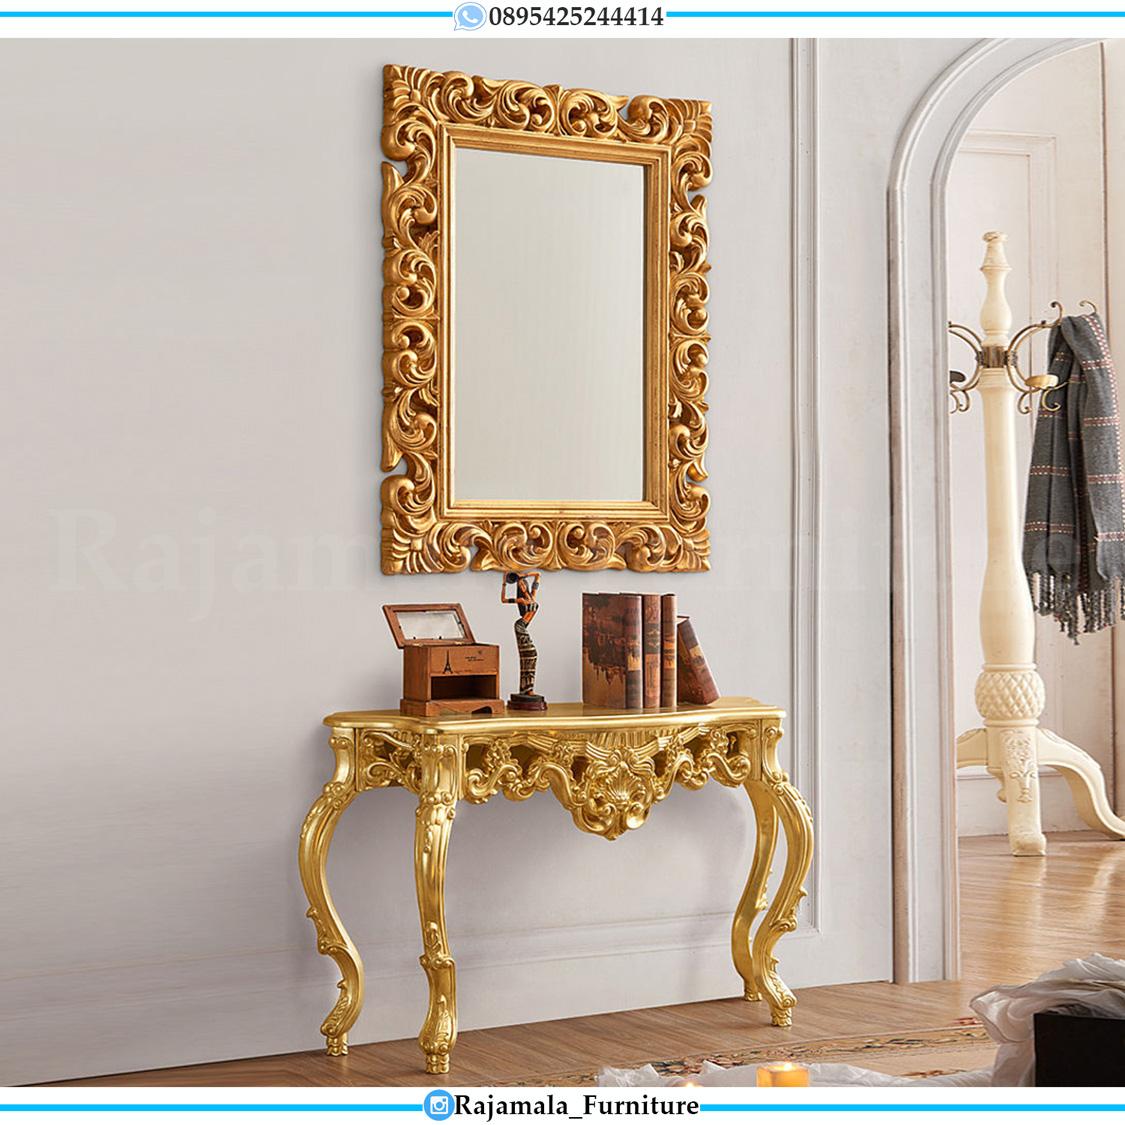 Promo Terbaru Meja Konsul Mewah Jepara Luxury Golden Glossy Color RM-0283